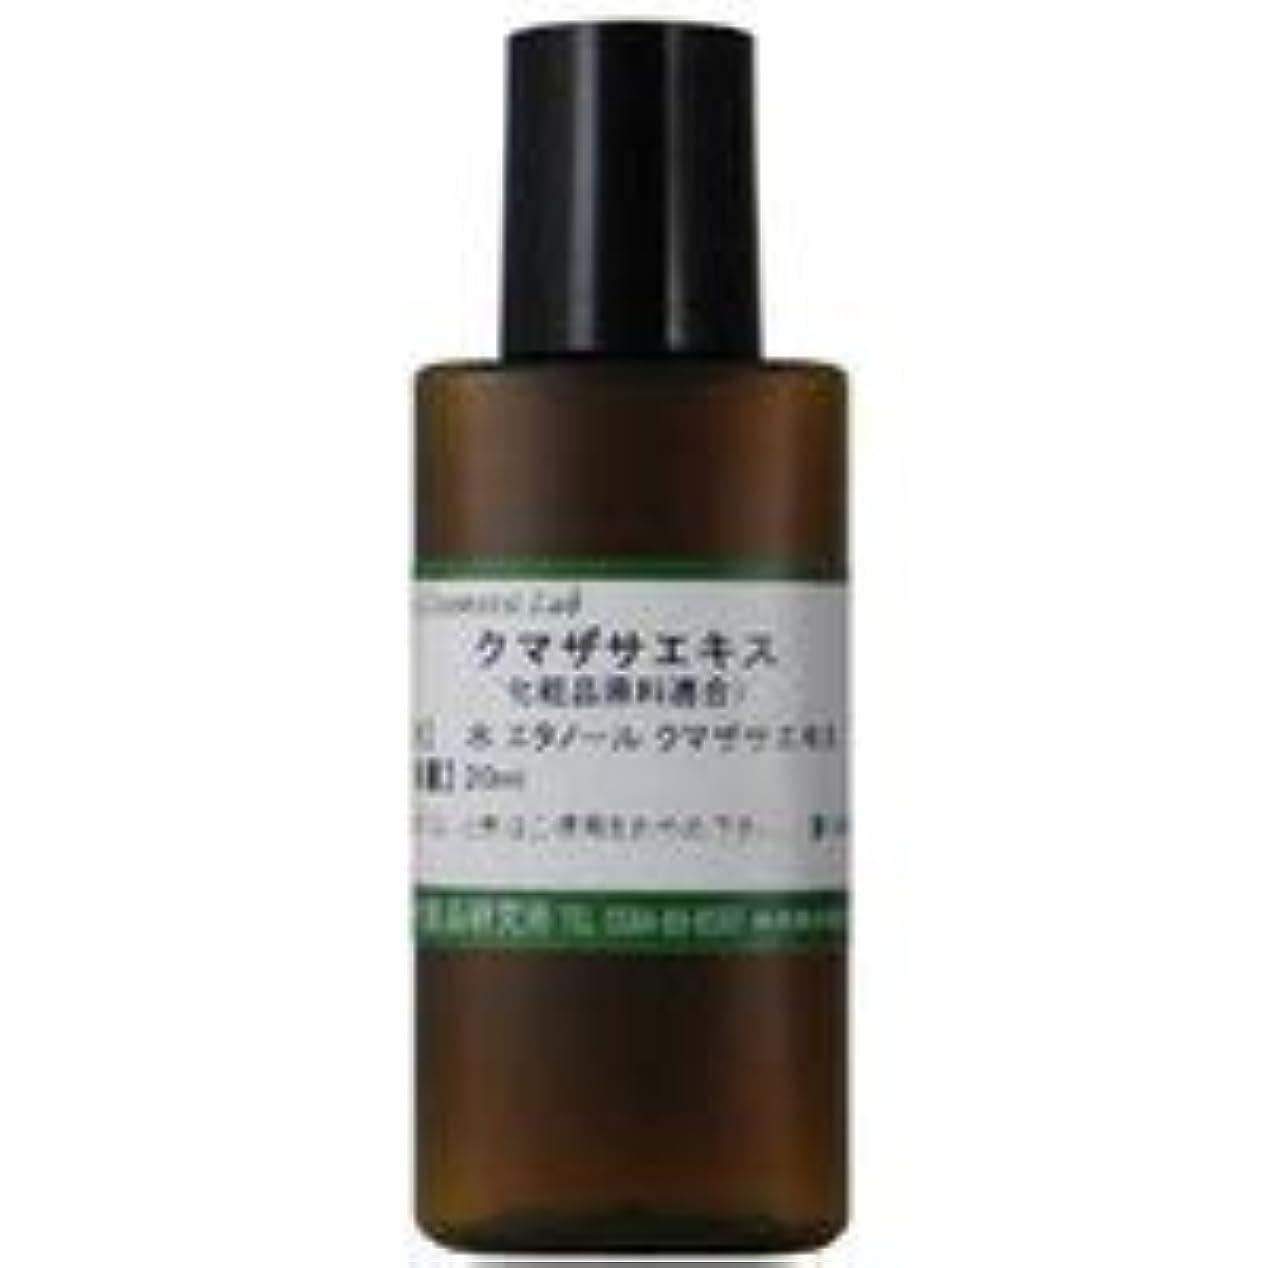 エールバンガロー考案するクマザサエキス 化粧品原料 20ml